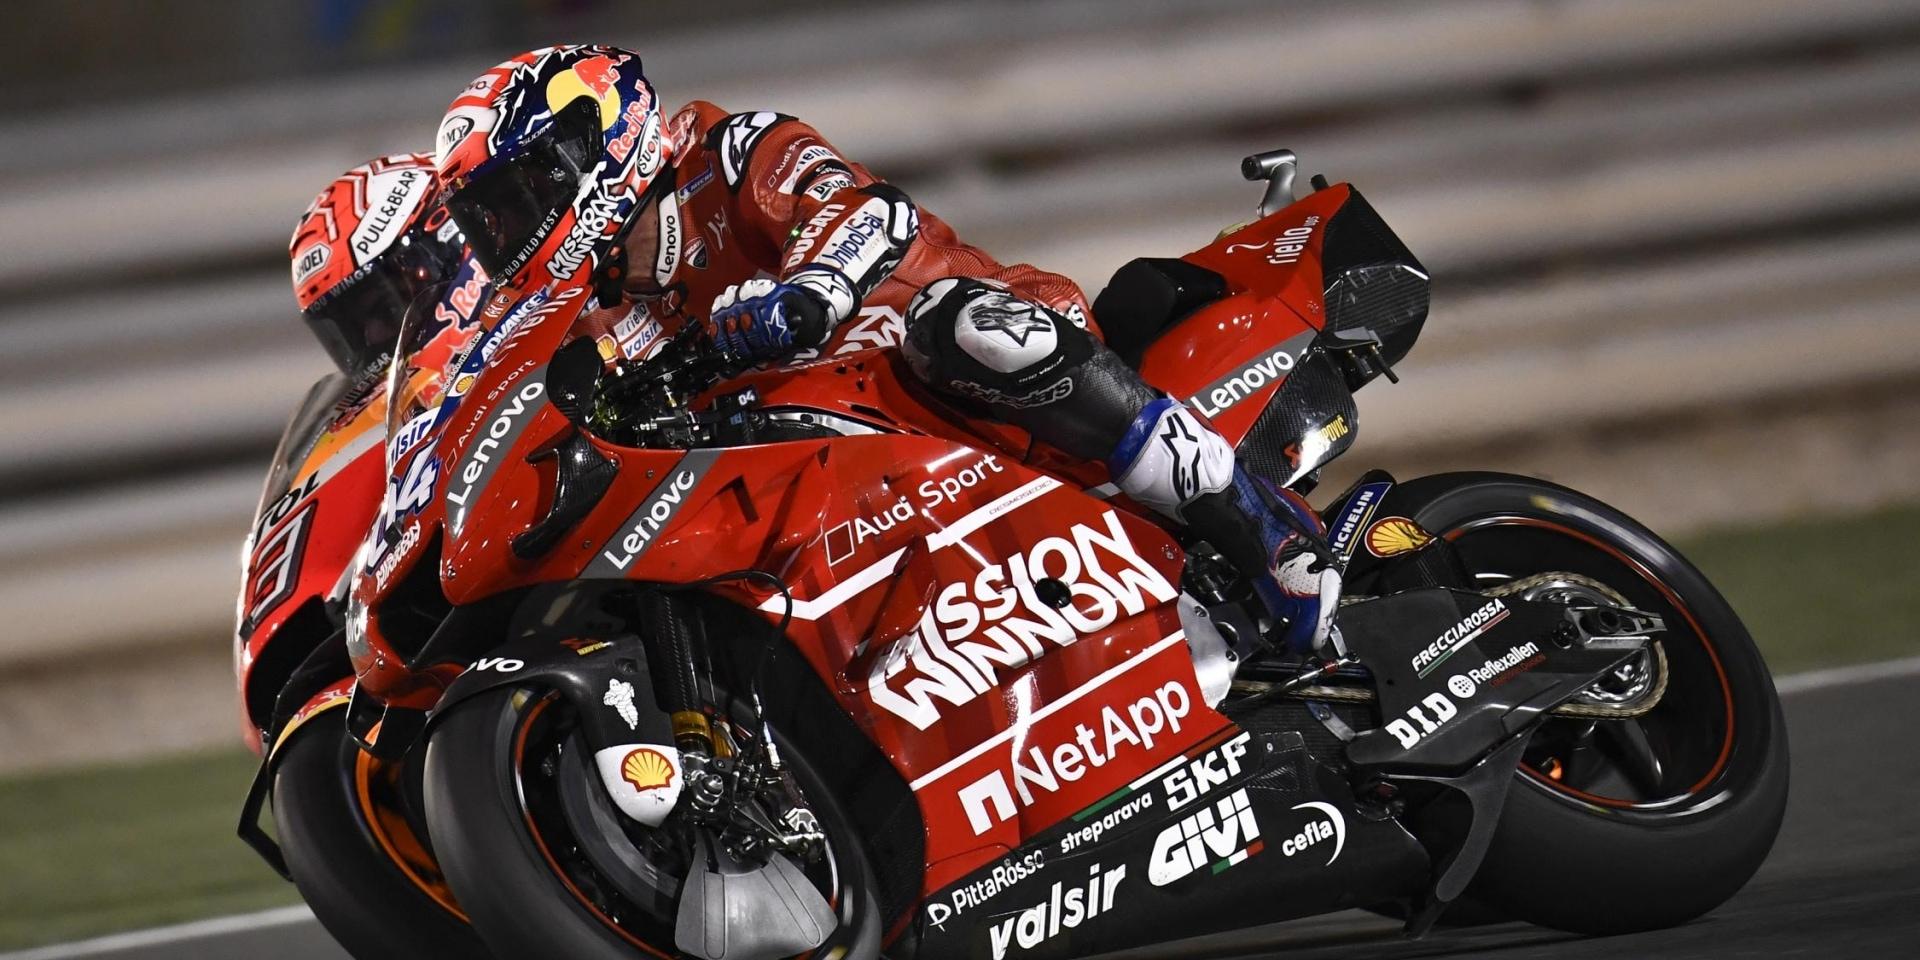 0.023秒的奇襲!Andrea Dovizioso:Marquez的攻擊有很多意義